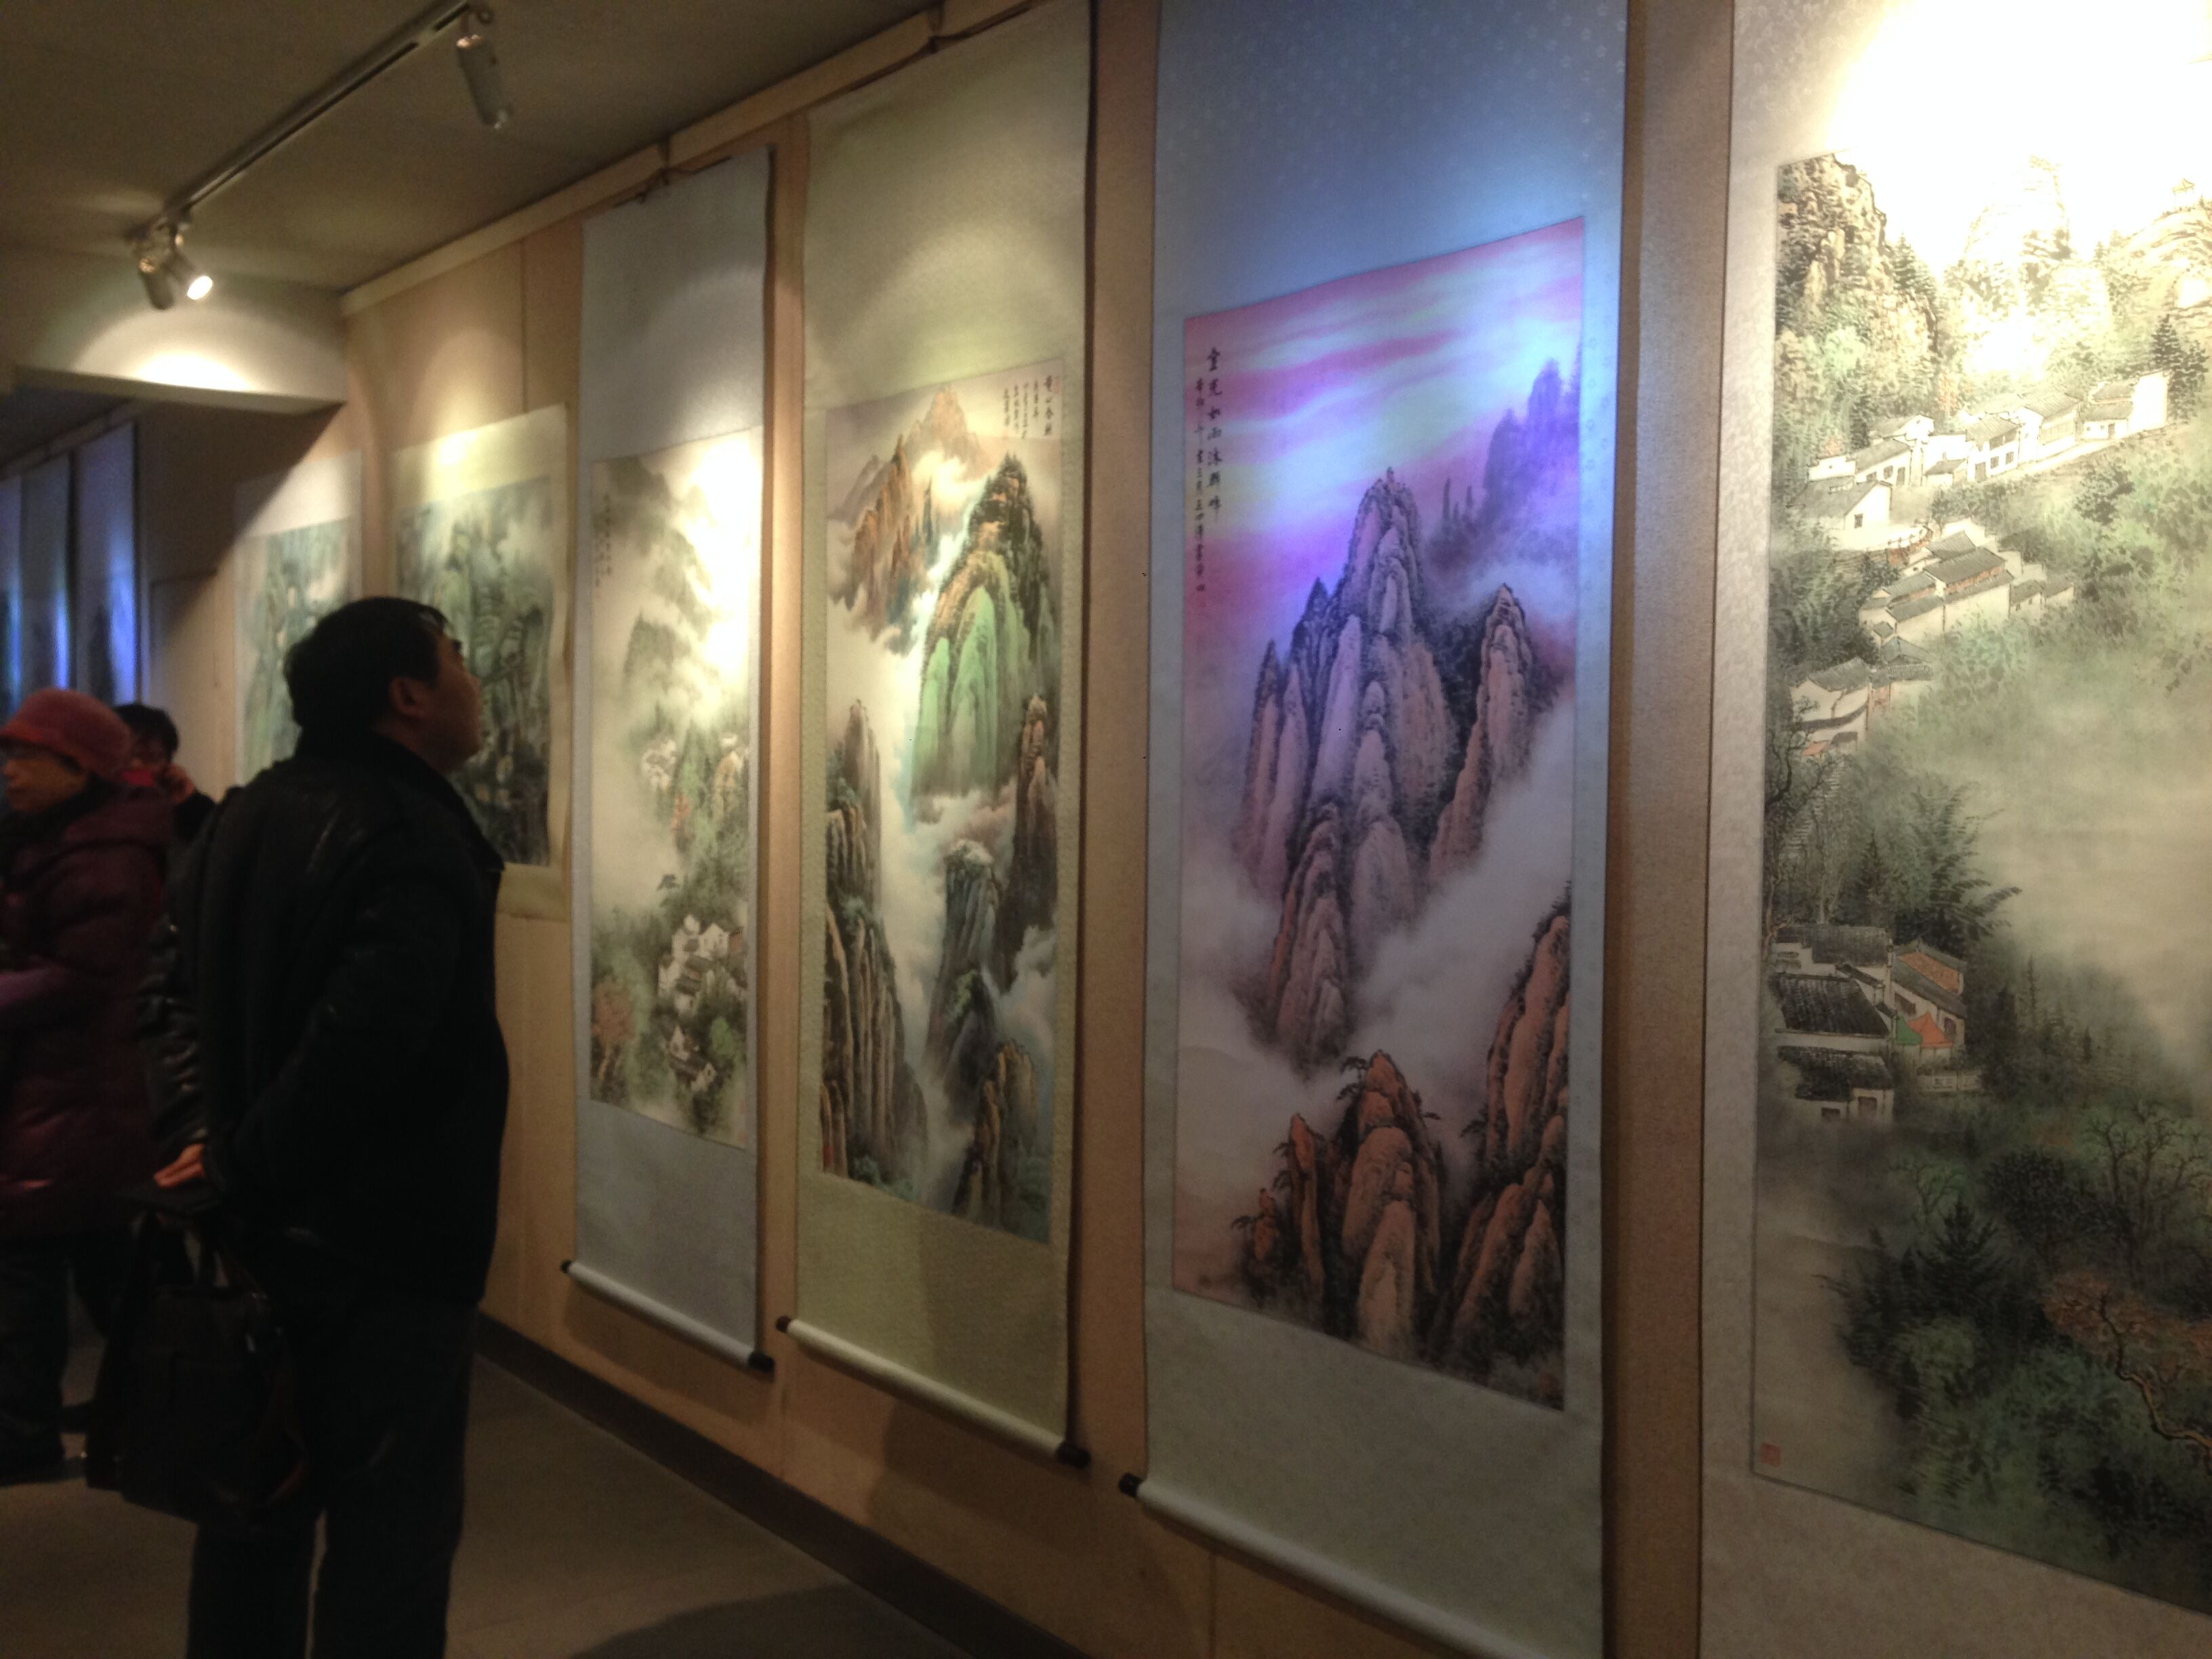 画展现场-王四清作品安徽画廊展出